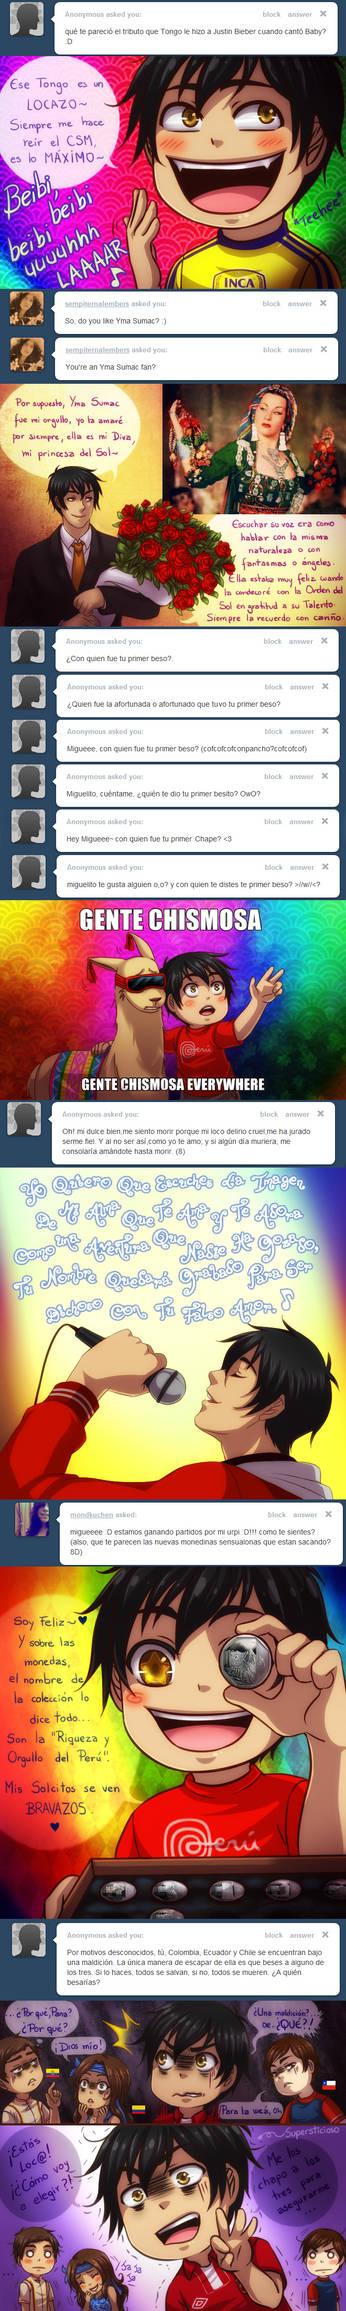 +Ask Peru: 10+